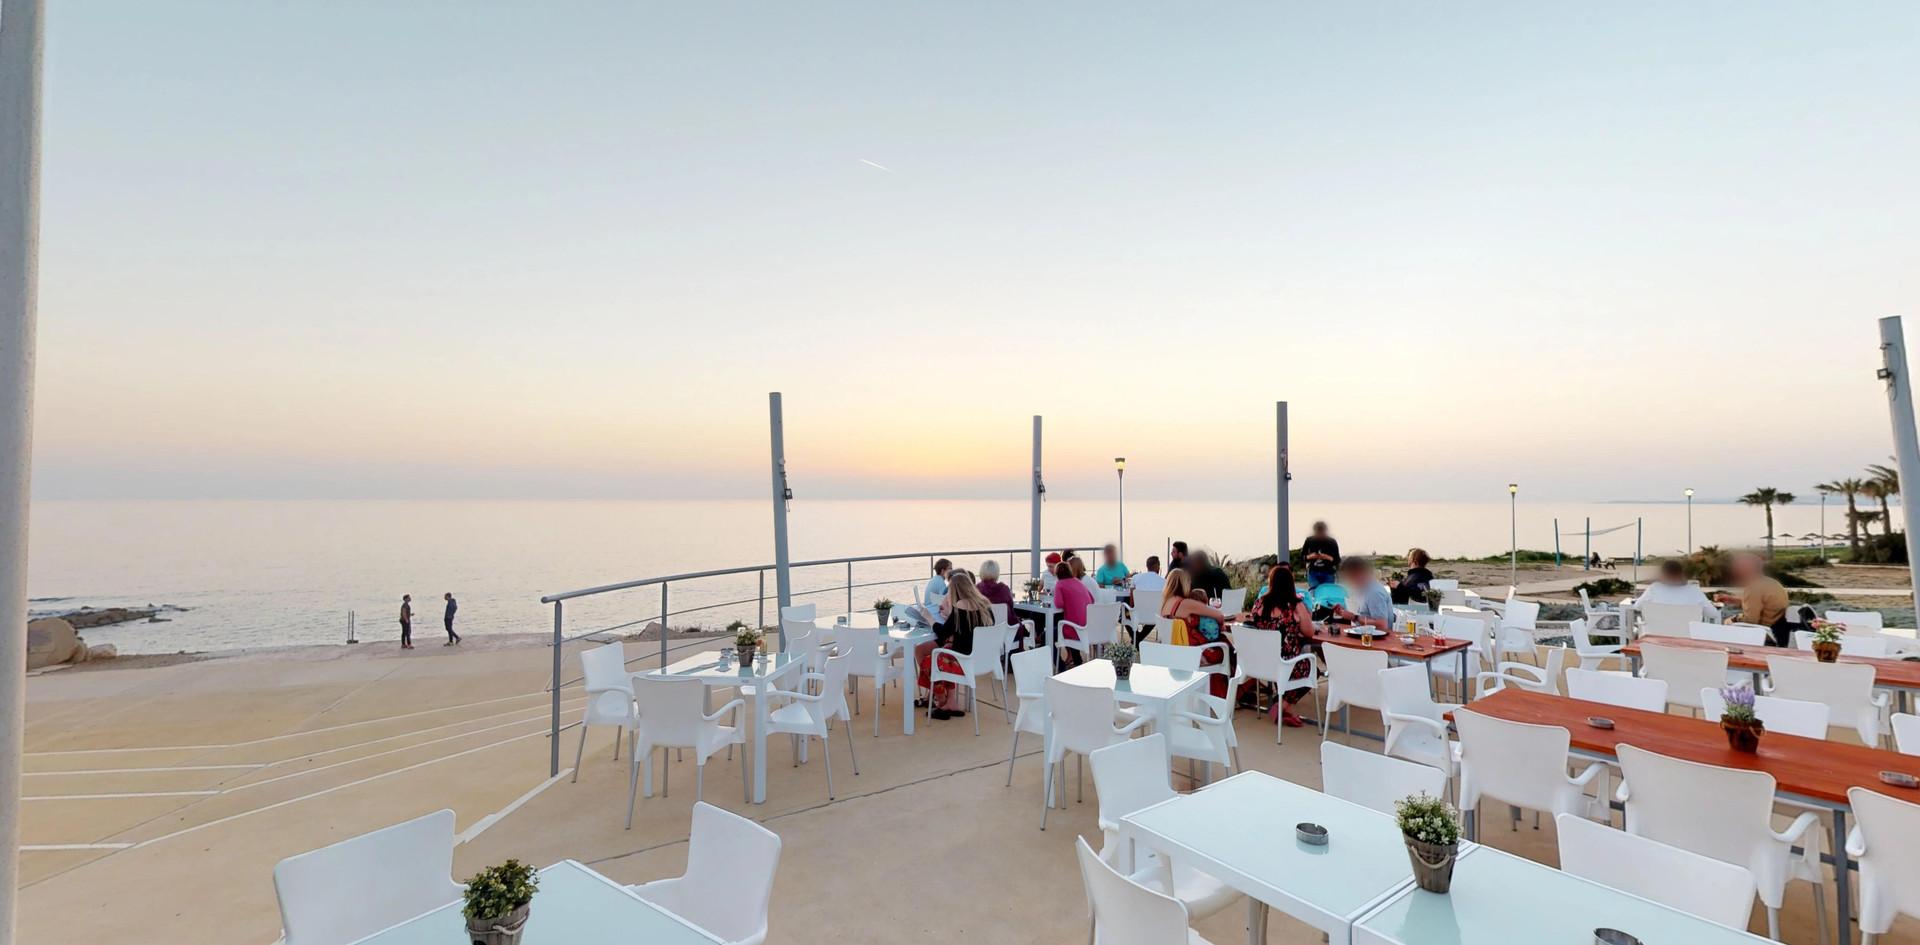 Baracas-Lounge-The-Veranda.jpg